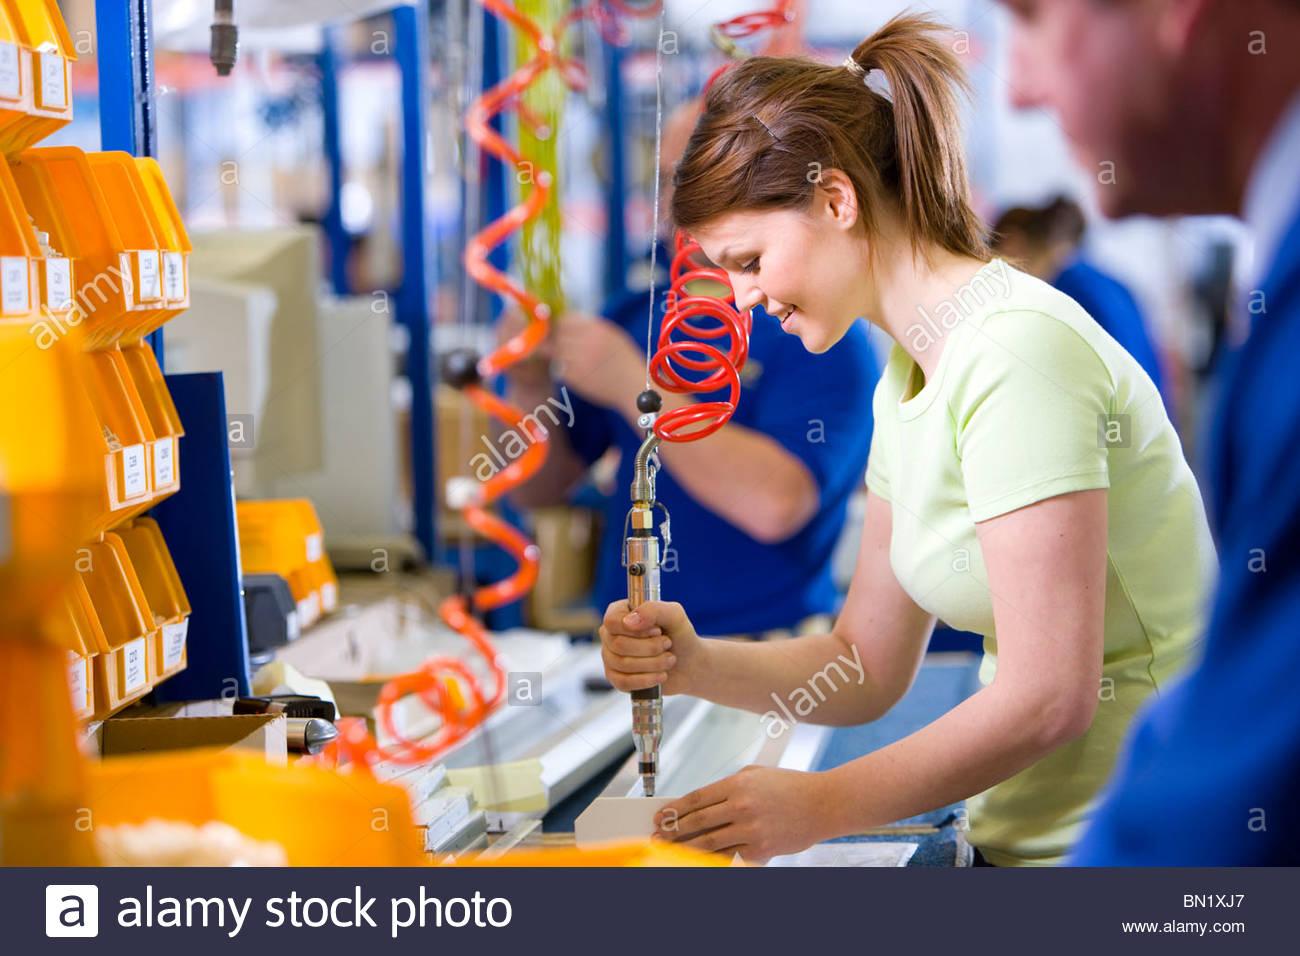 Arbeiter, die Bedienung von Maschinen auf Produktionslinie im Werk, das Aluminium Leuchten herstellt Stockbild